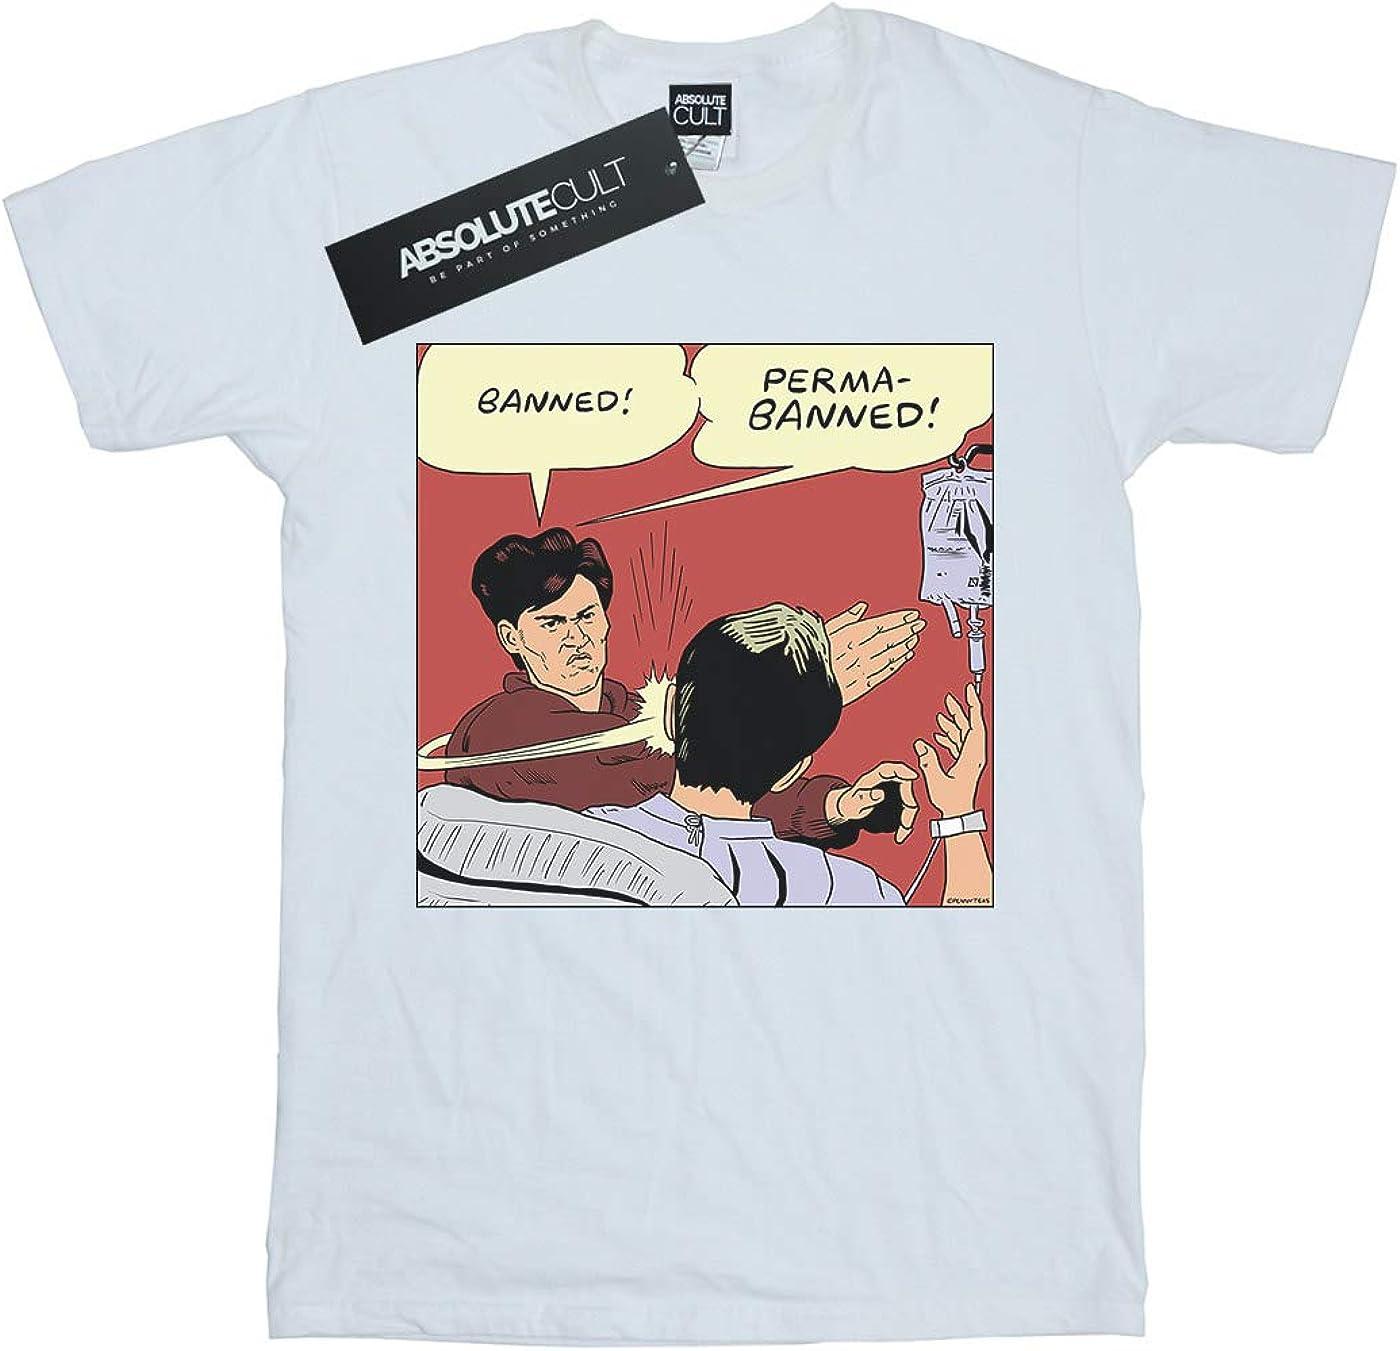 Pennytees Niñas Banned Permabanned Camiseta: Amazon.es: Ropa y accesorios